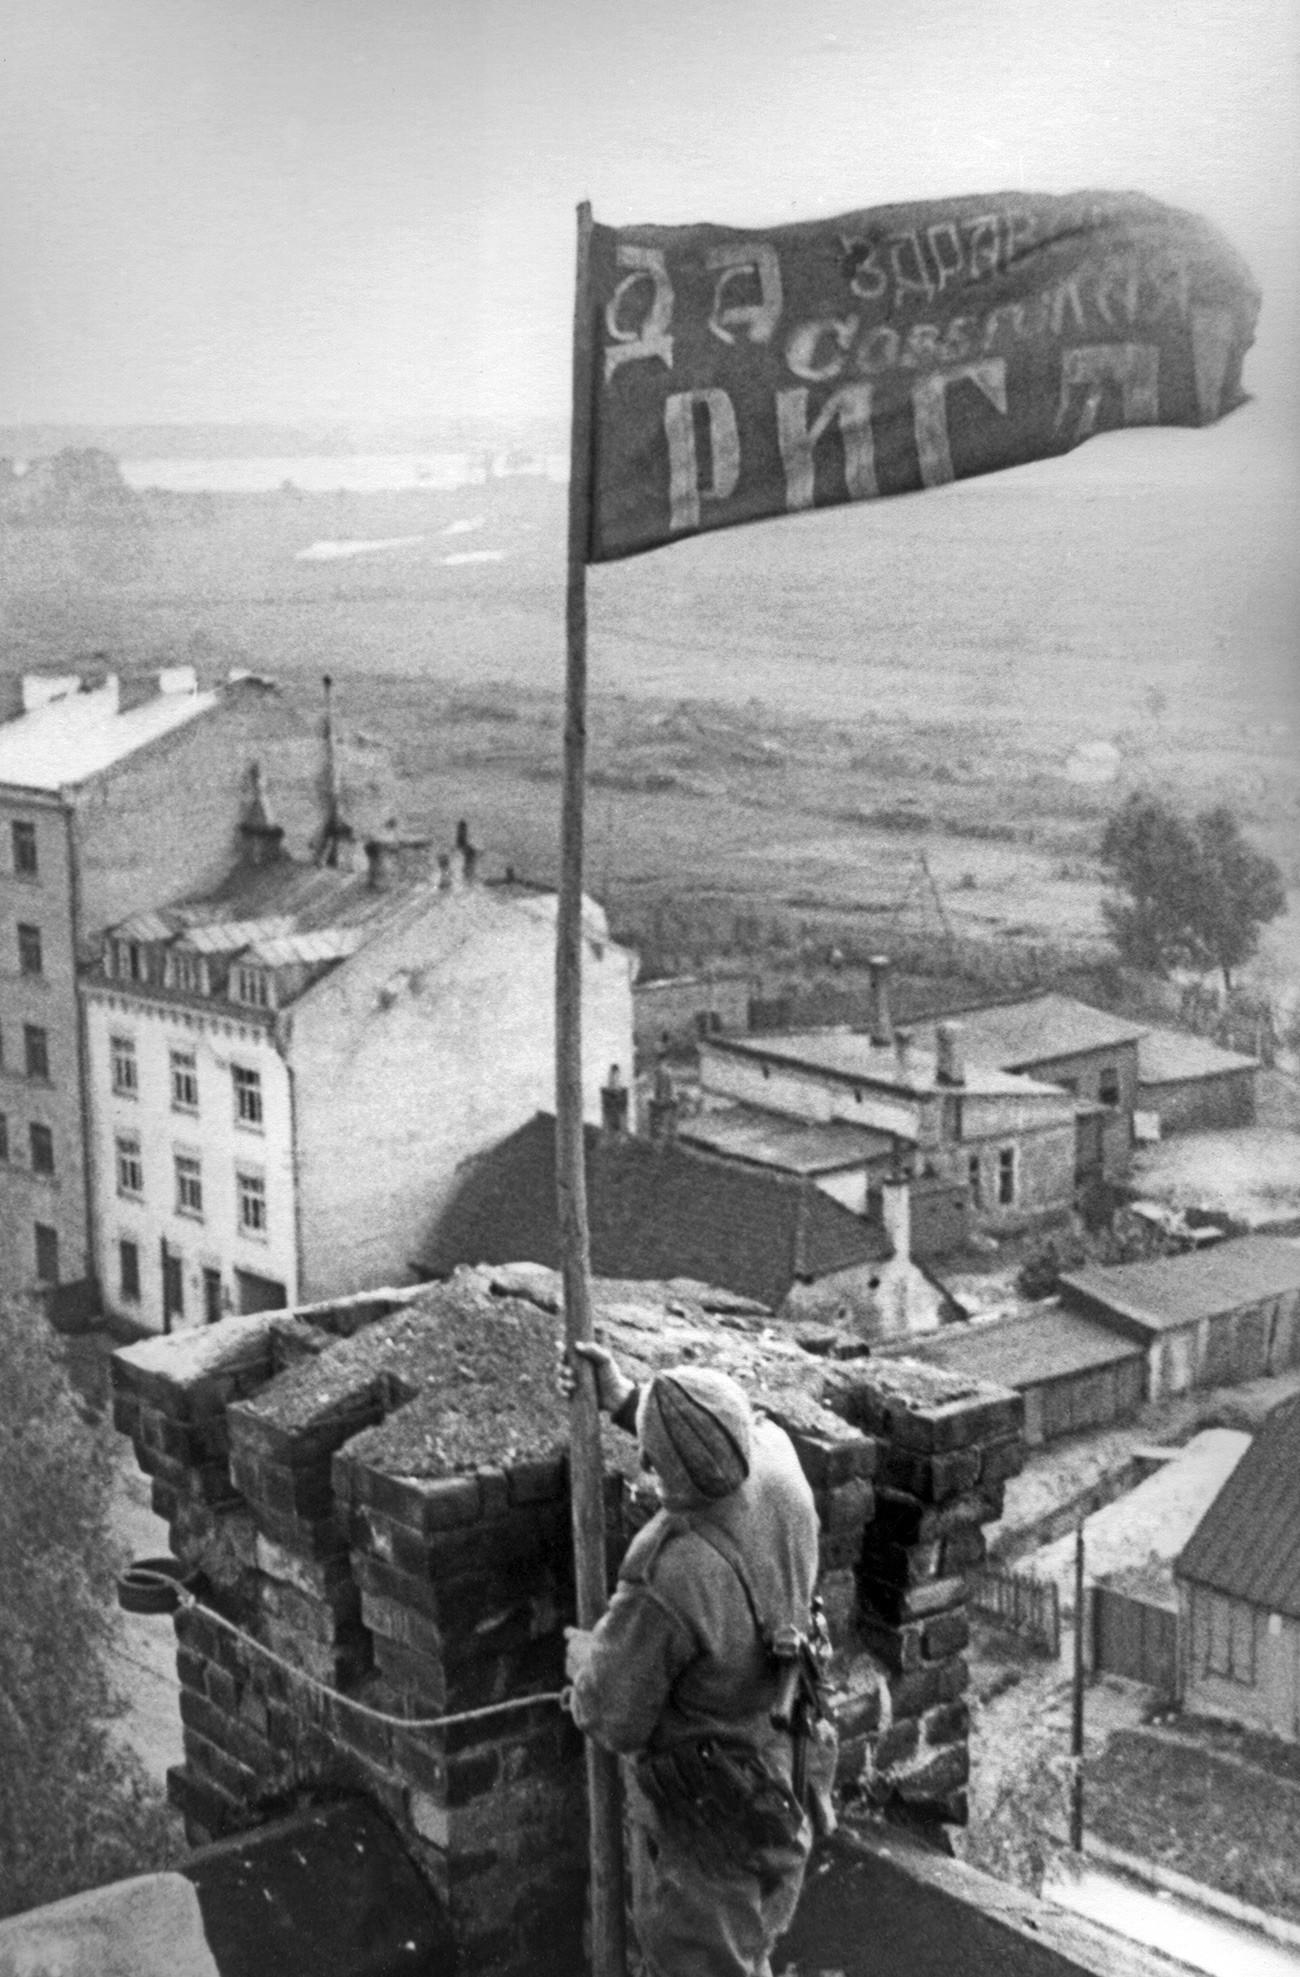 Letonska Sovjetska Socijalistička Republika. Riga. Postavljanje crvene zastave poslije oslobođenja grada od njemačko-nacističke okupacije.